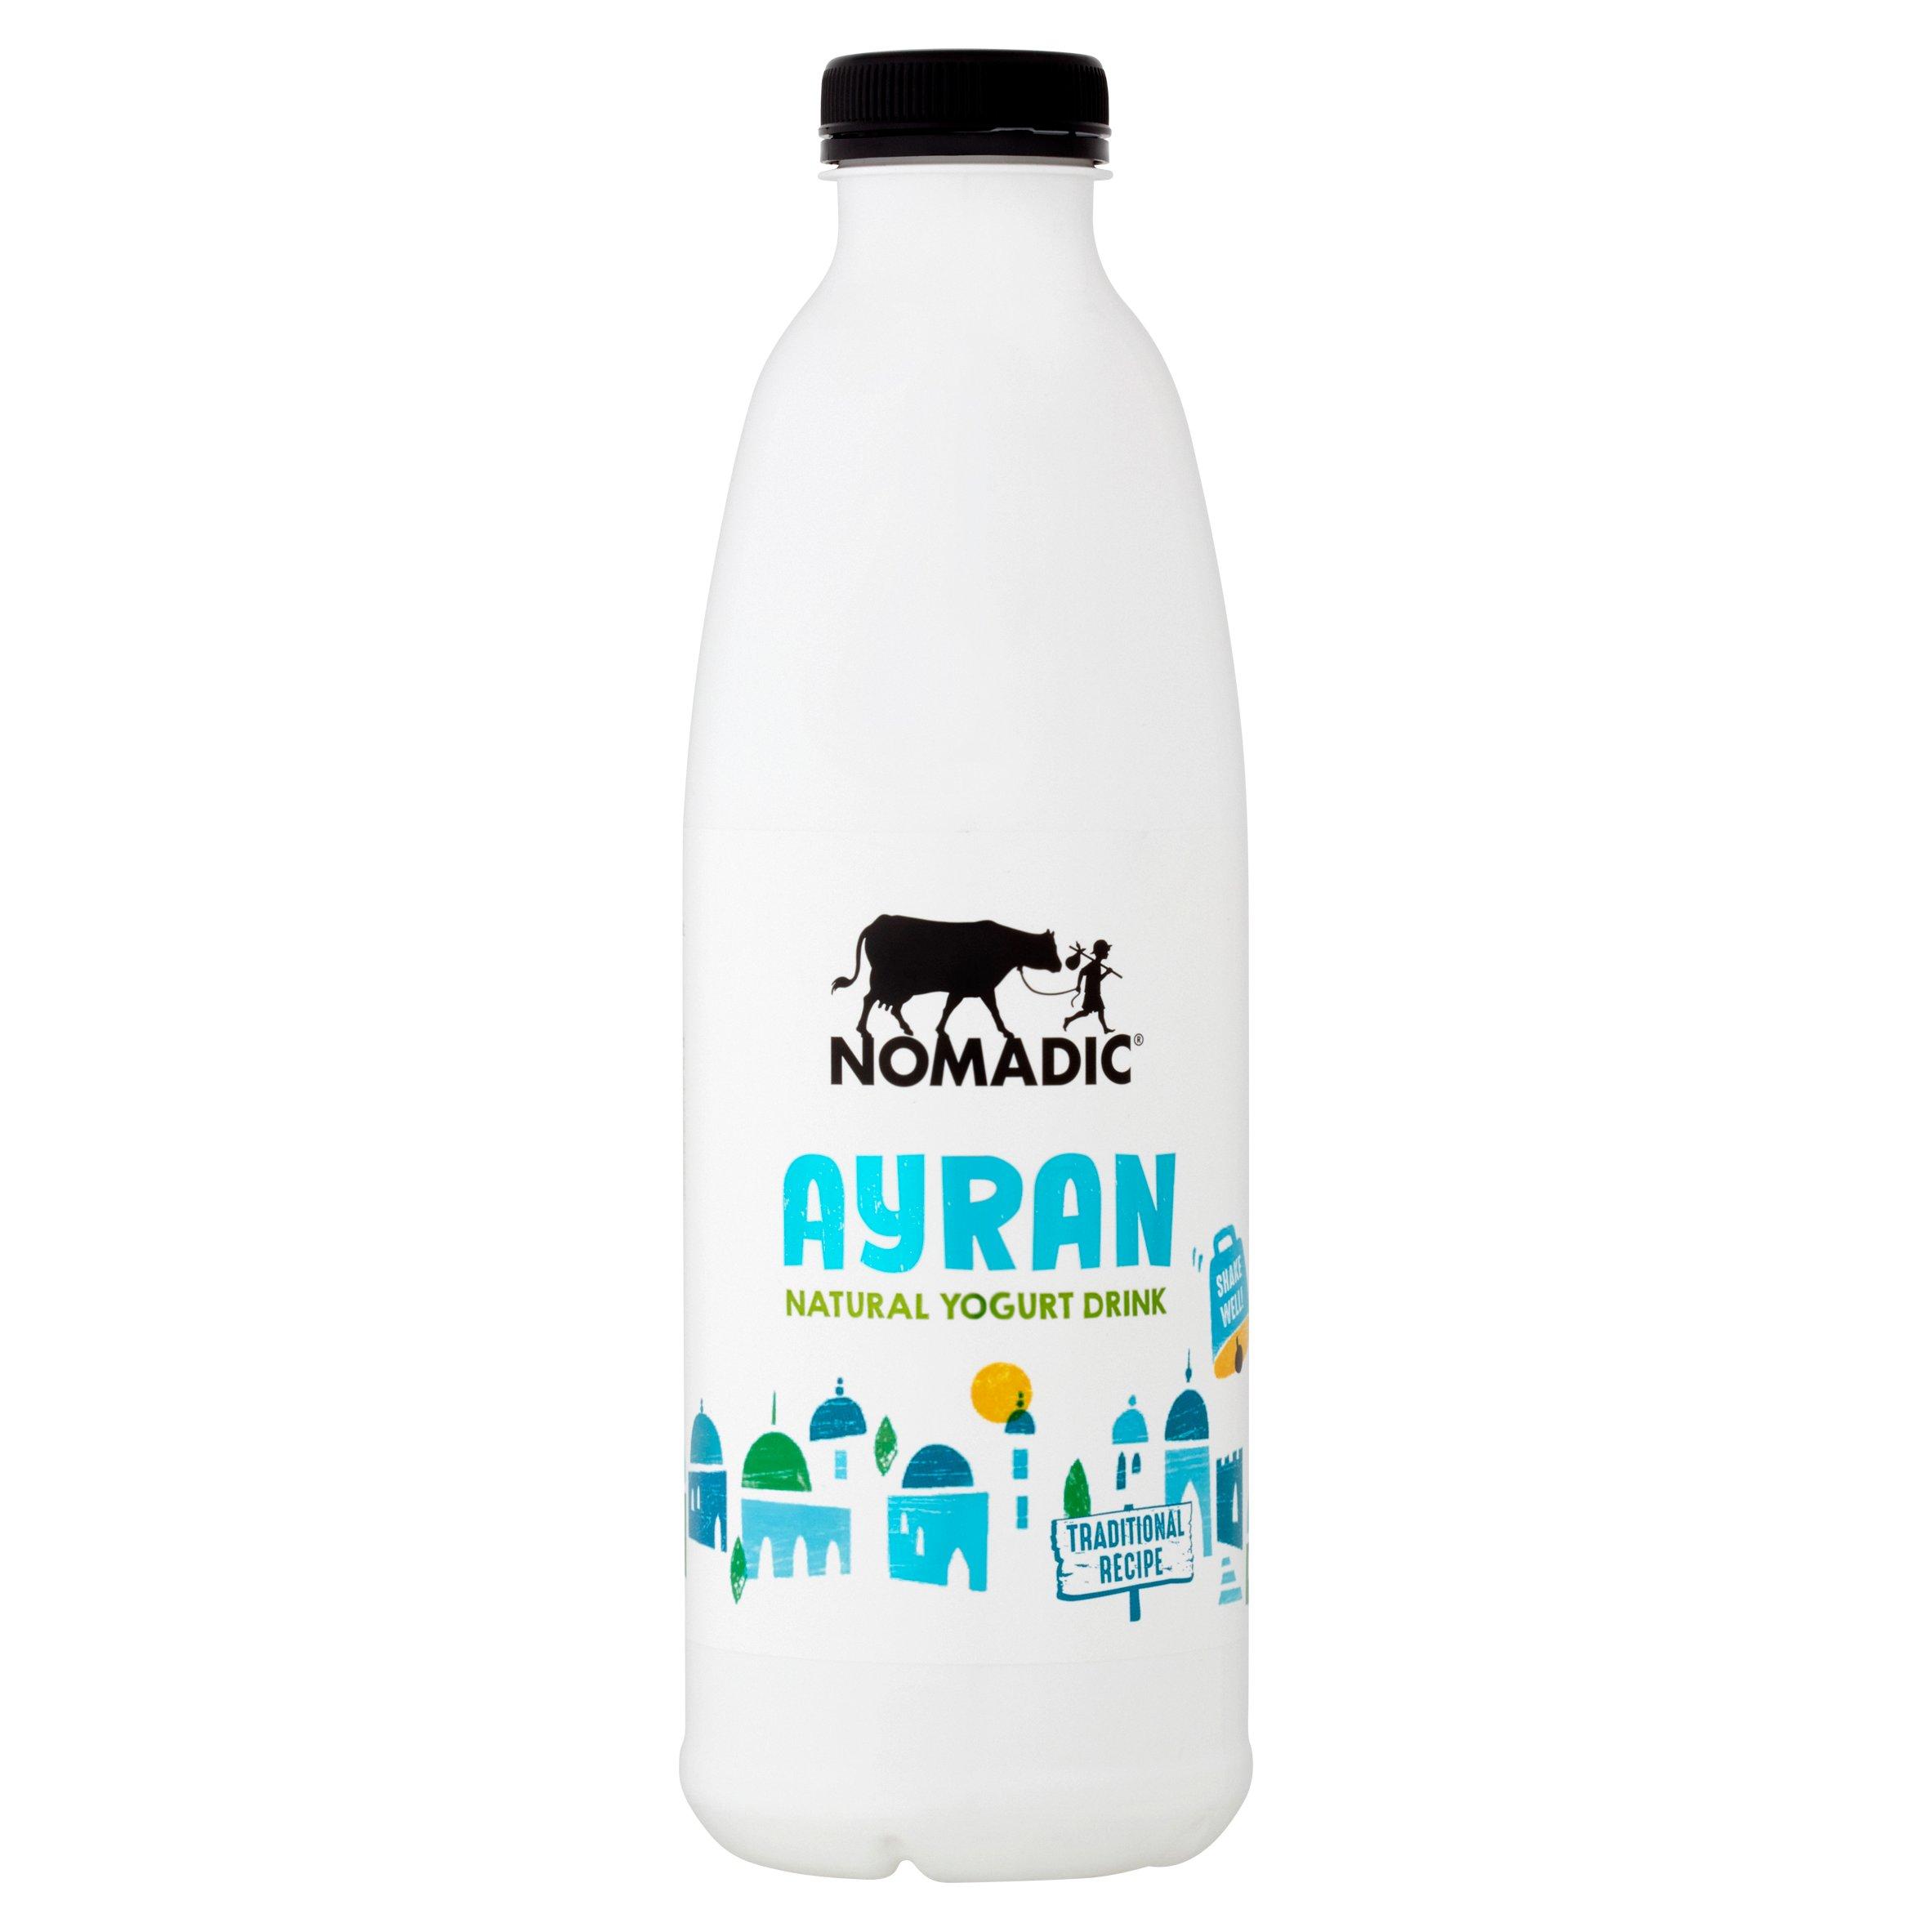 Nomadic Ayran Natural Yogurt Drink 1 Litre